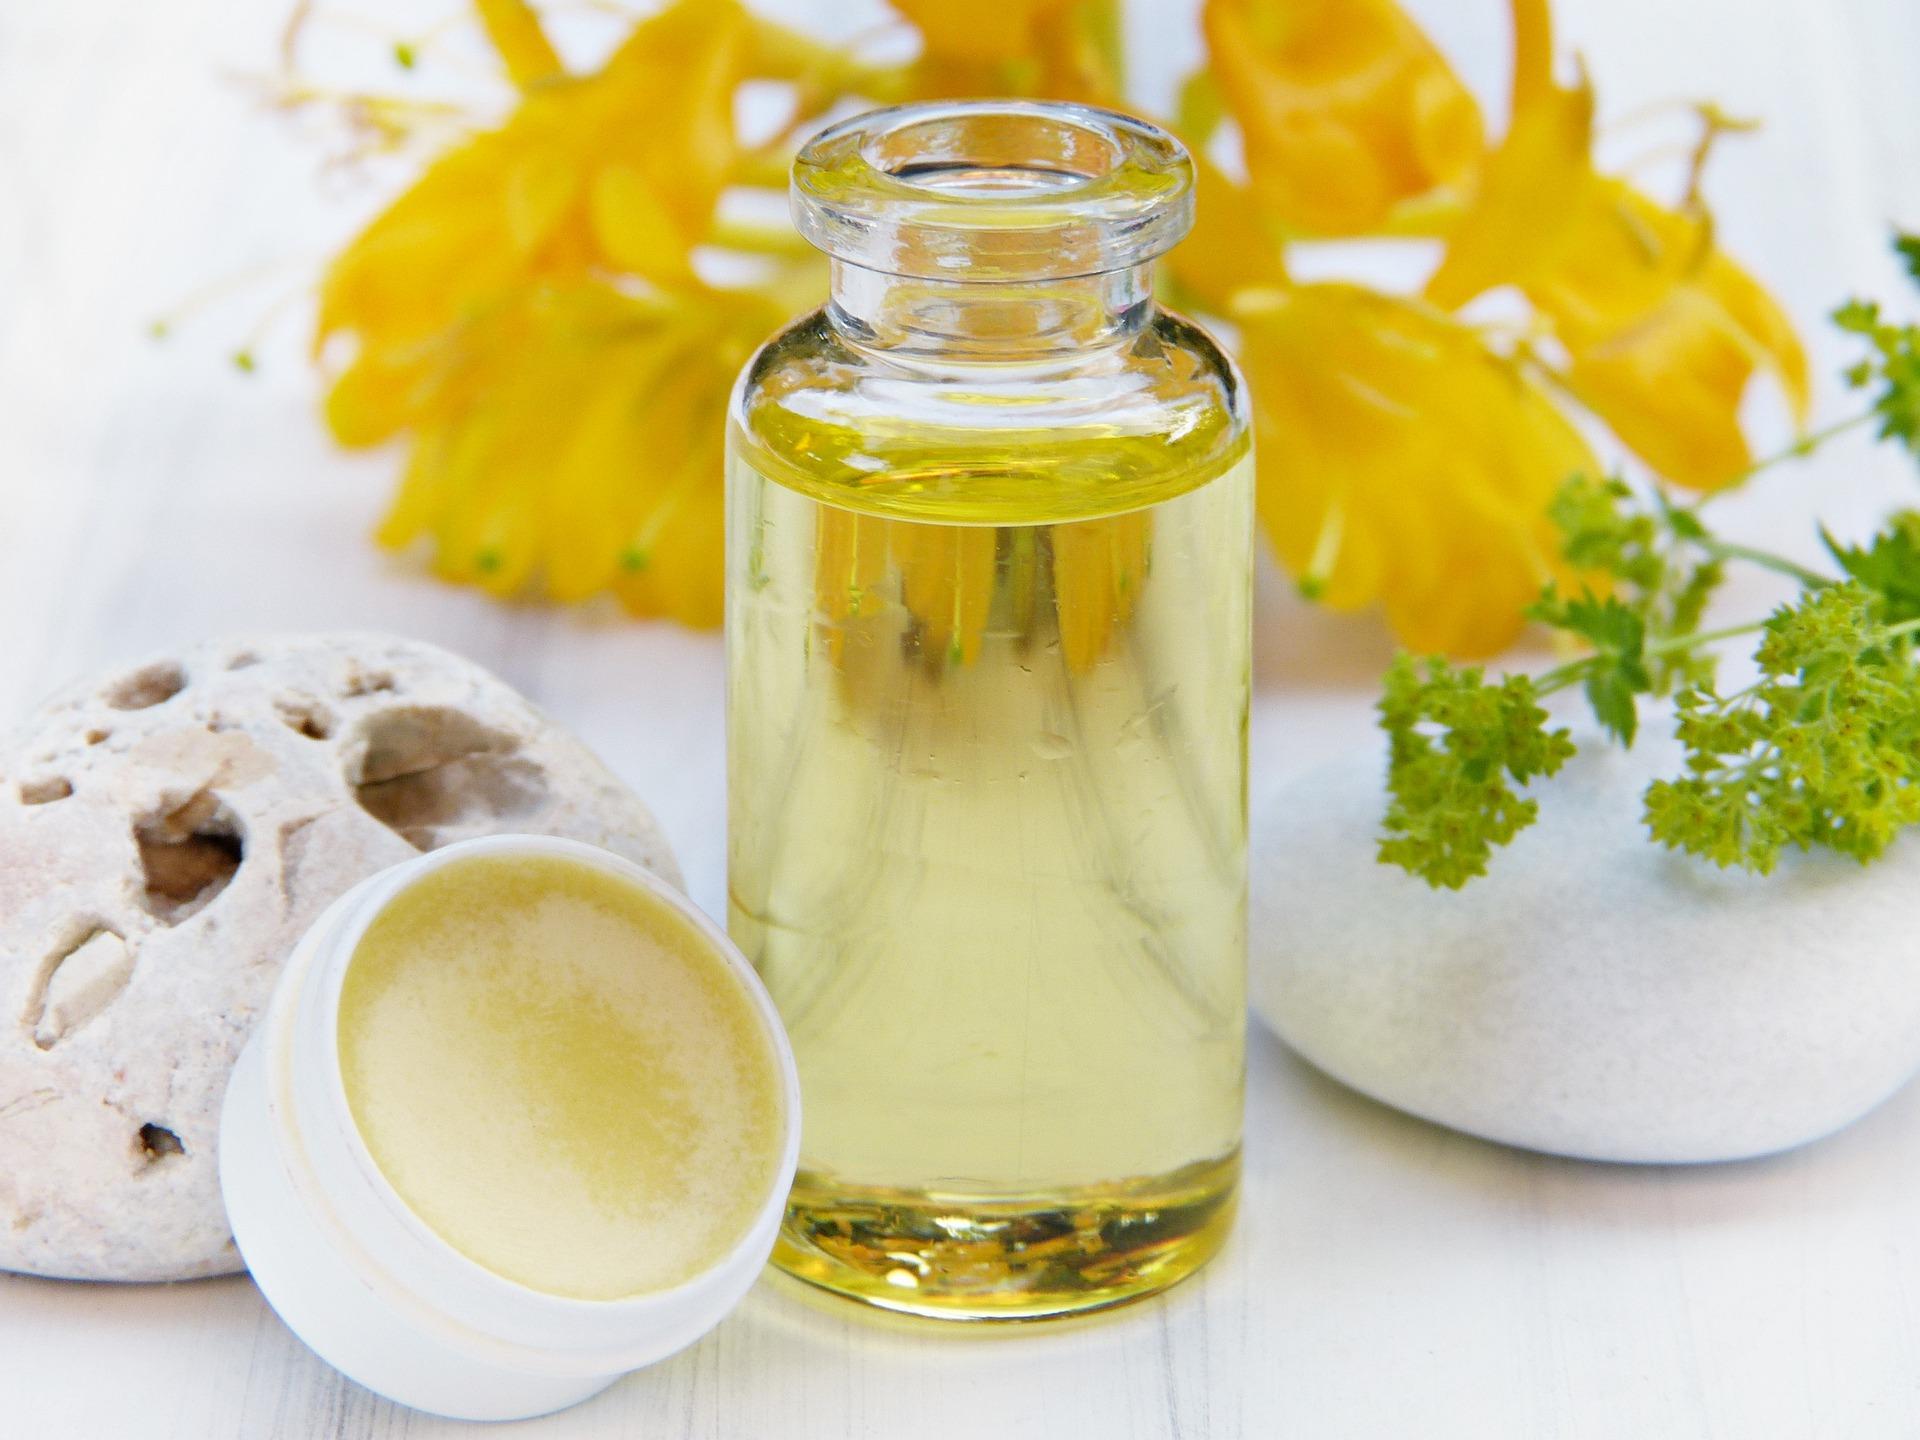 Gesichtspflege mit nährenden Ölen und Shea Butter